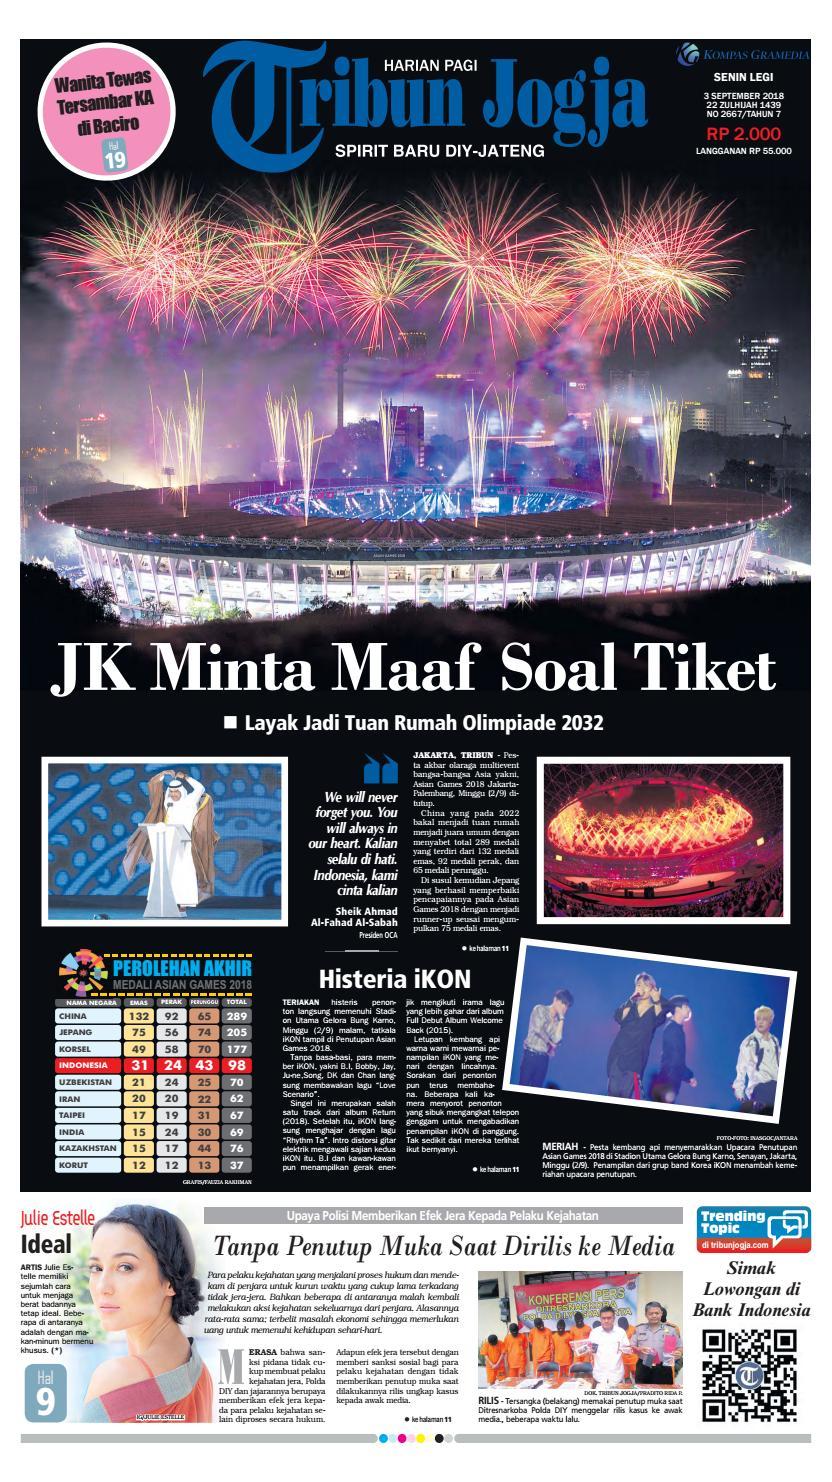 Tribun Jogja 03-09-2018 by tribun jogja - issuu